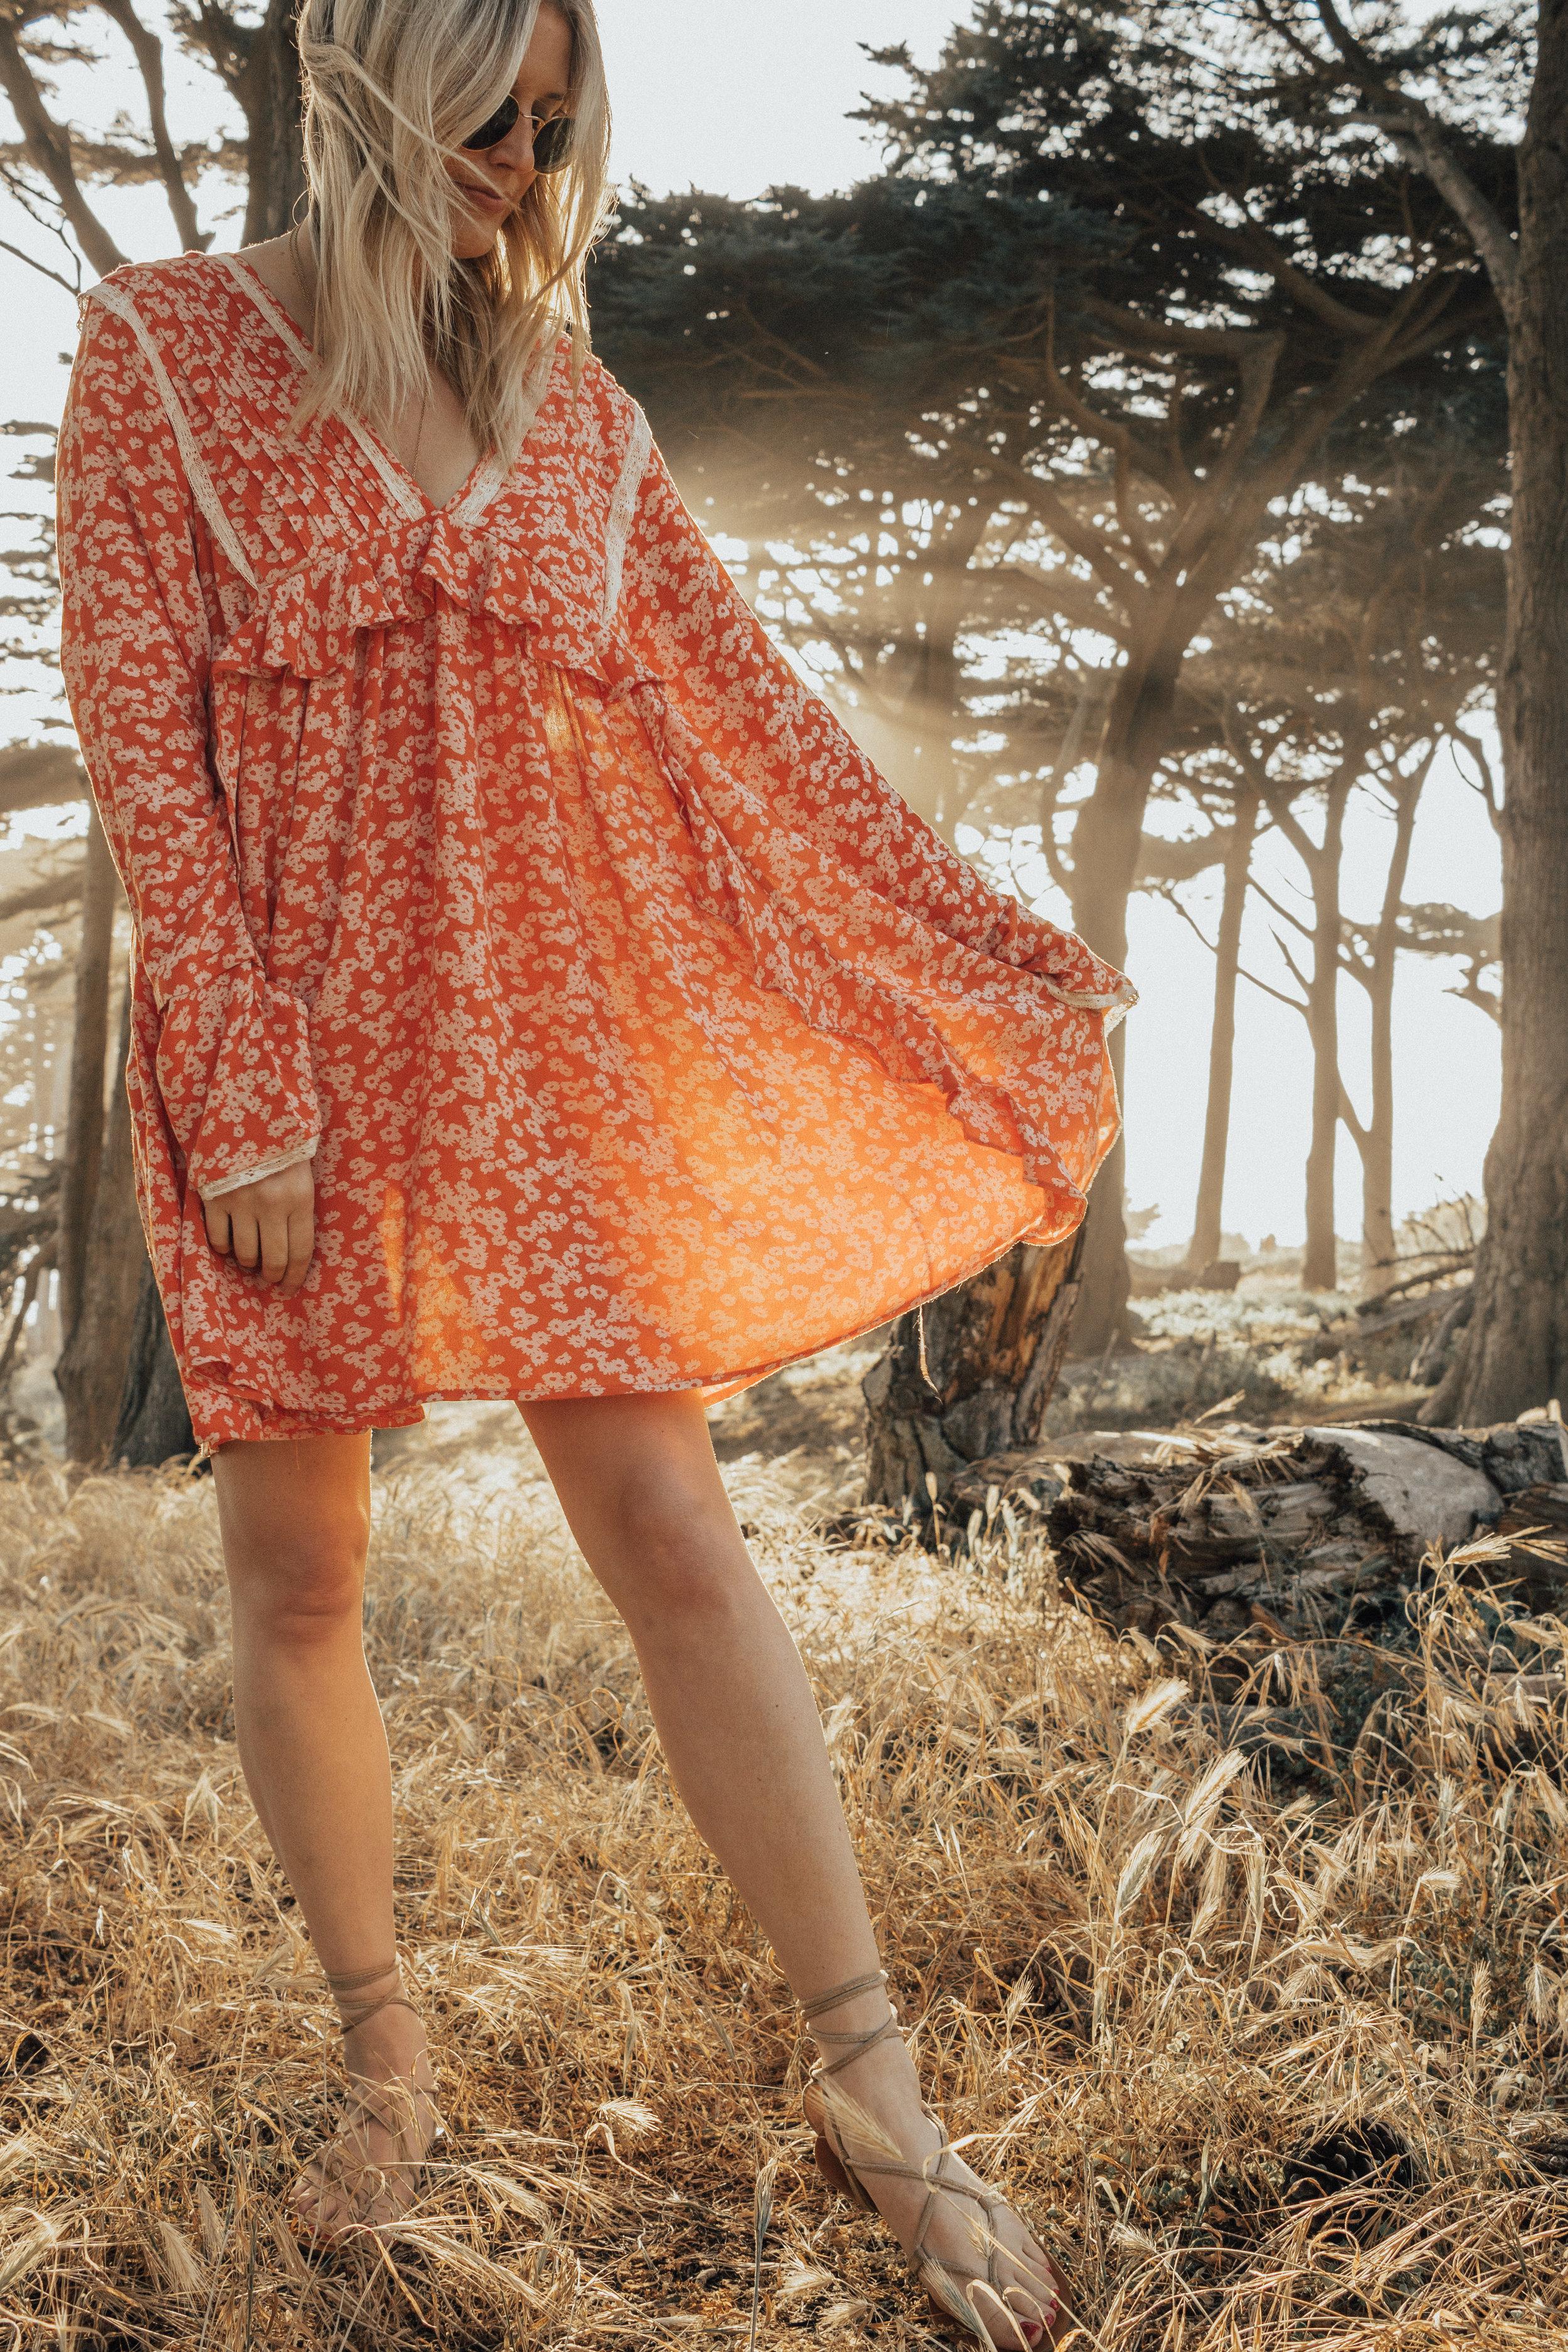 free-people-like-you-best-printed-dress-17.jpg